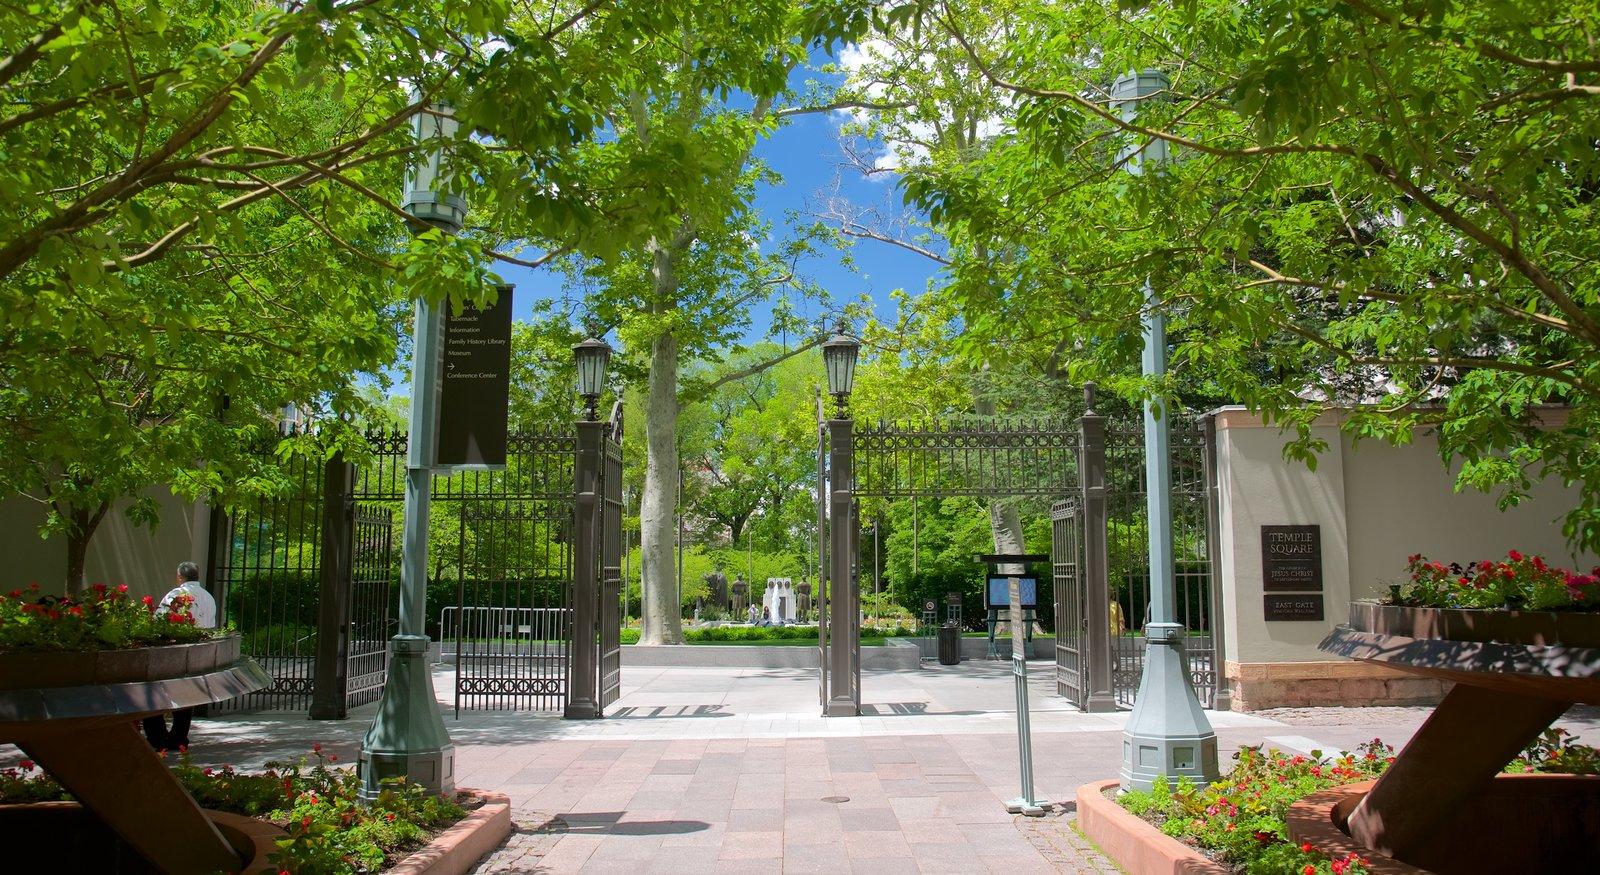 Temple Square que incluye un parque y flores